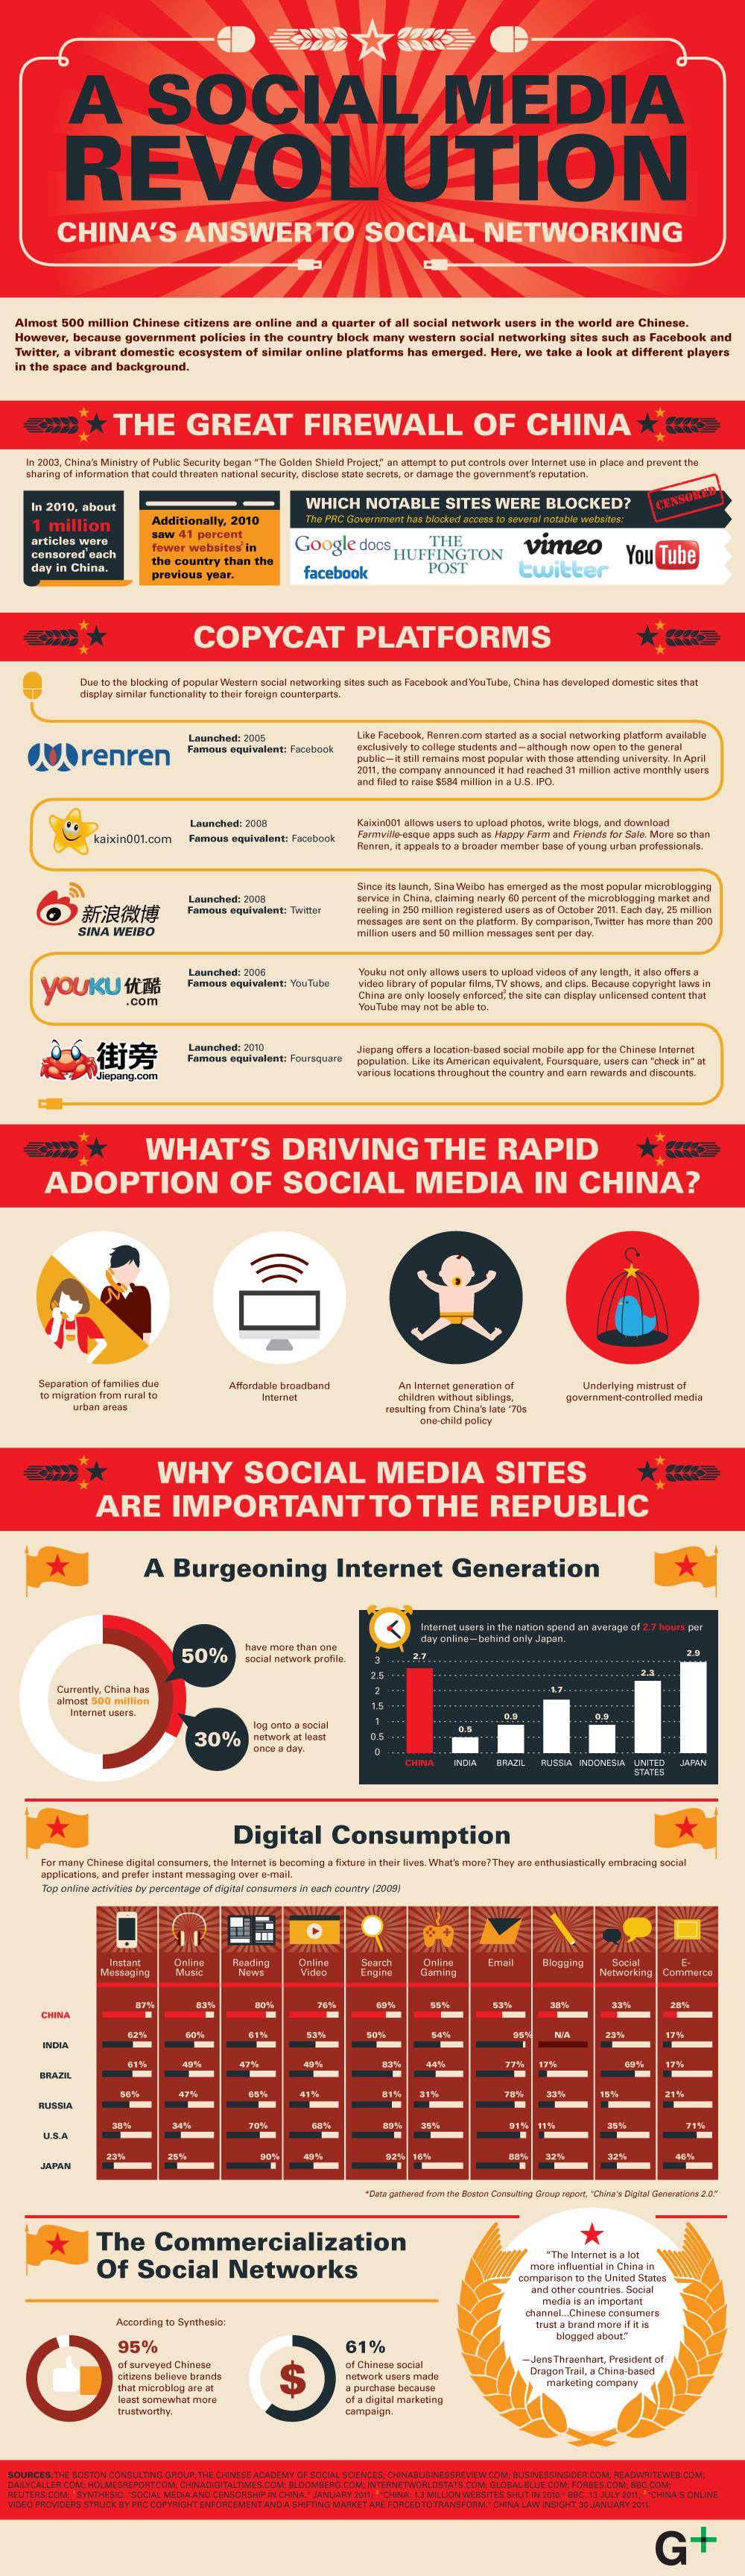 SocialMediaRevolution-L_3073